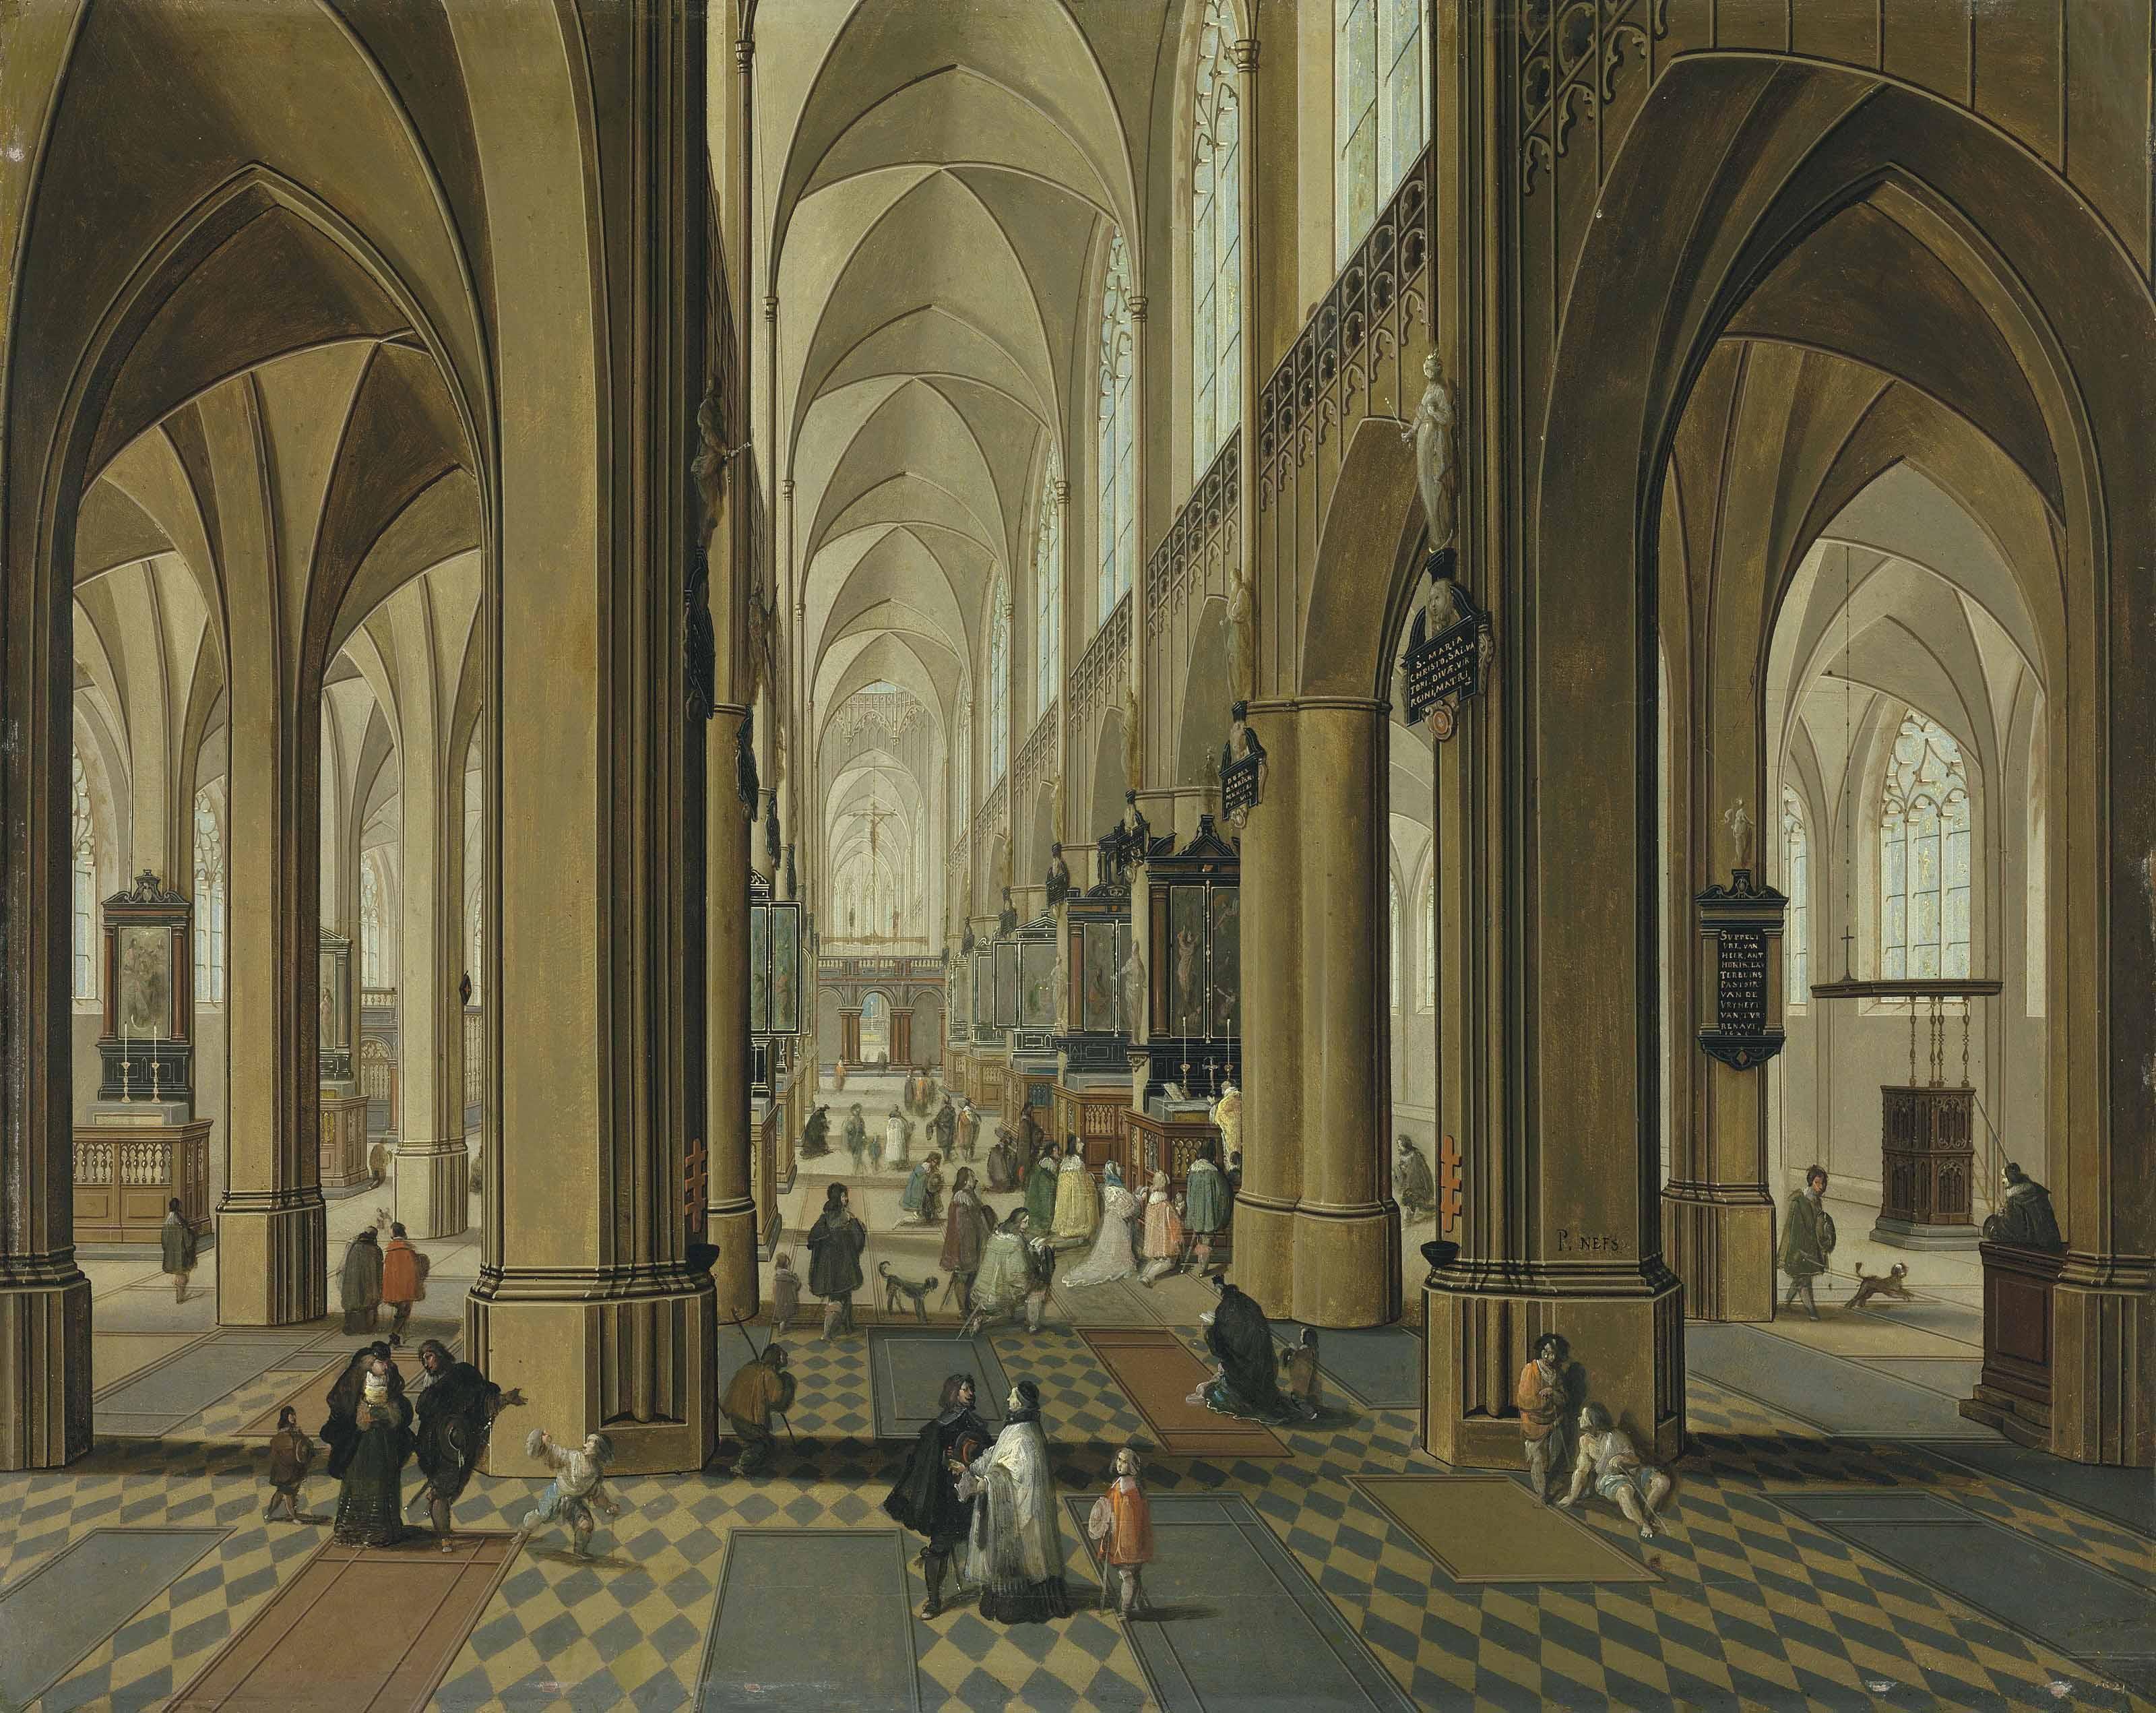 Pieter Neefs II (Antwerp 1620-after 1685) and Follower of Frans Francken II